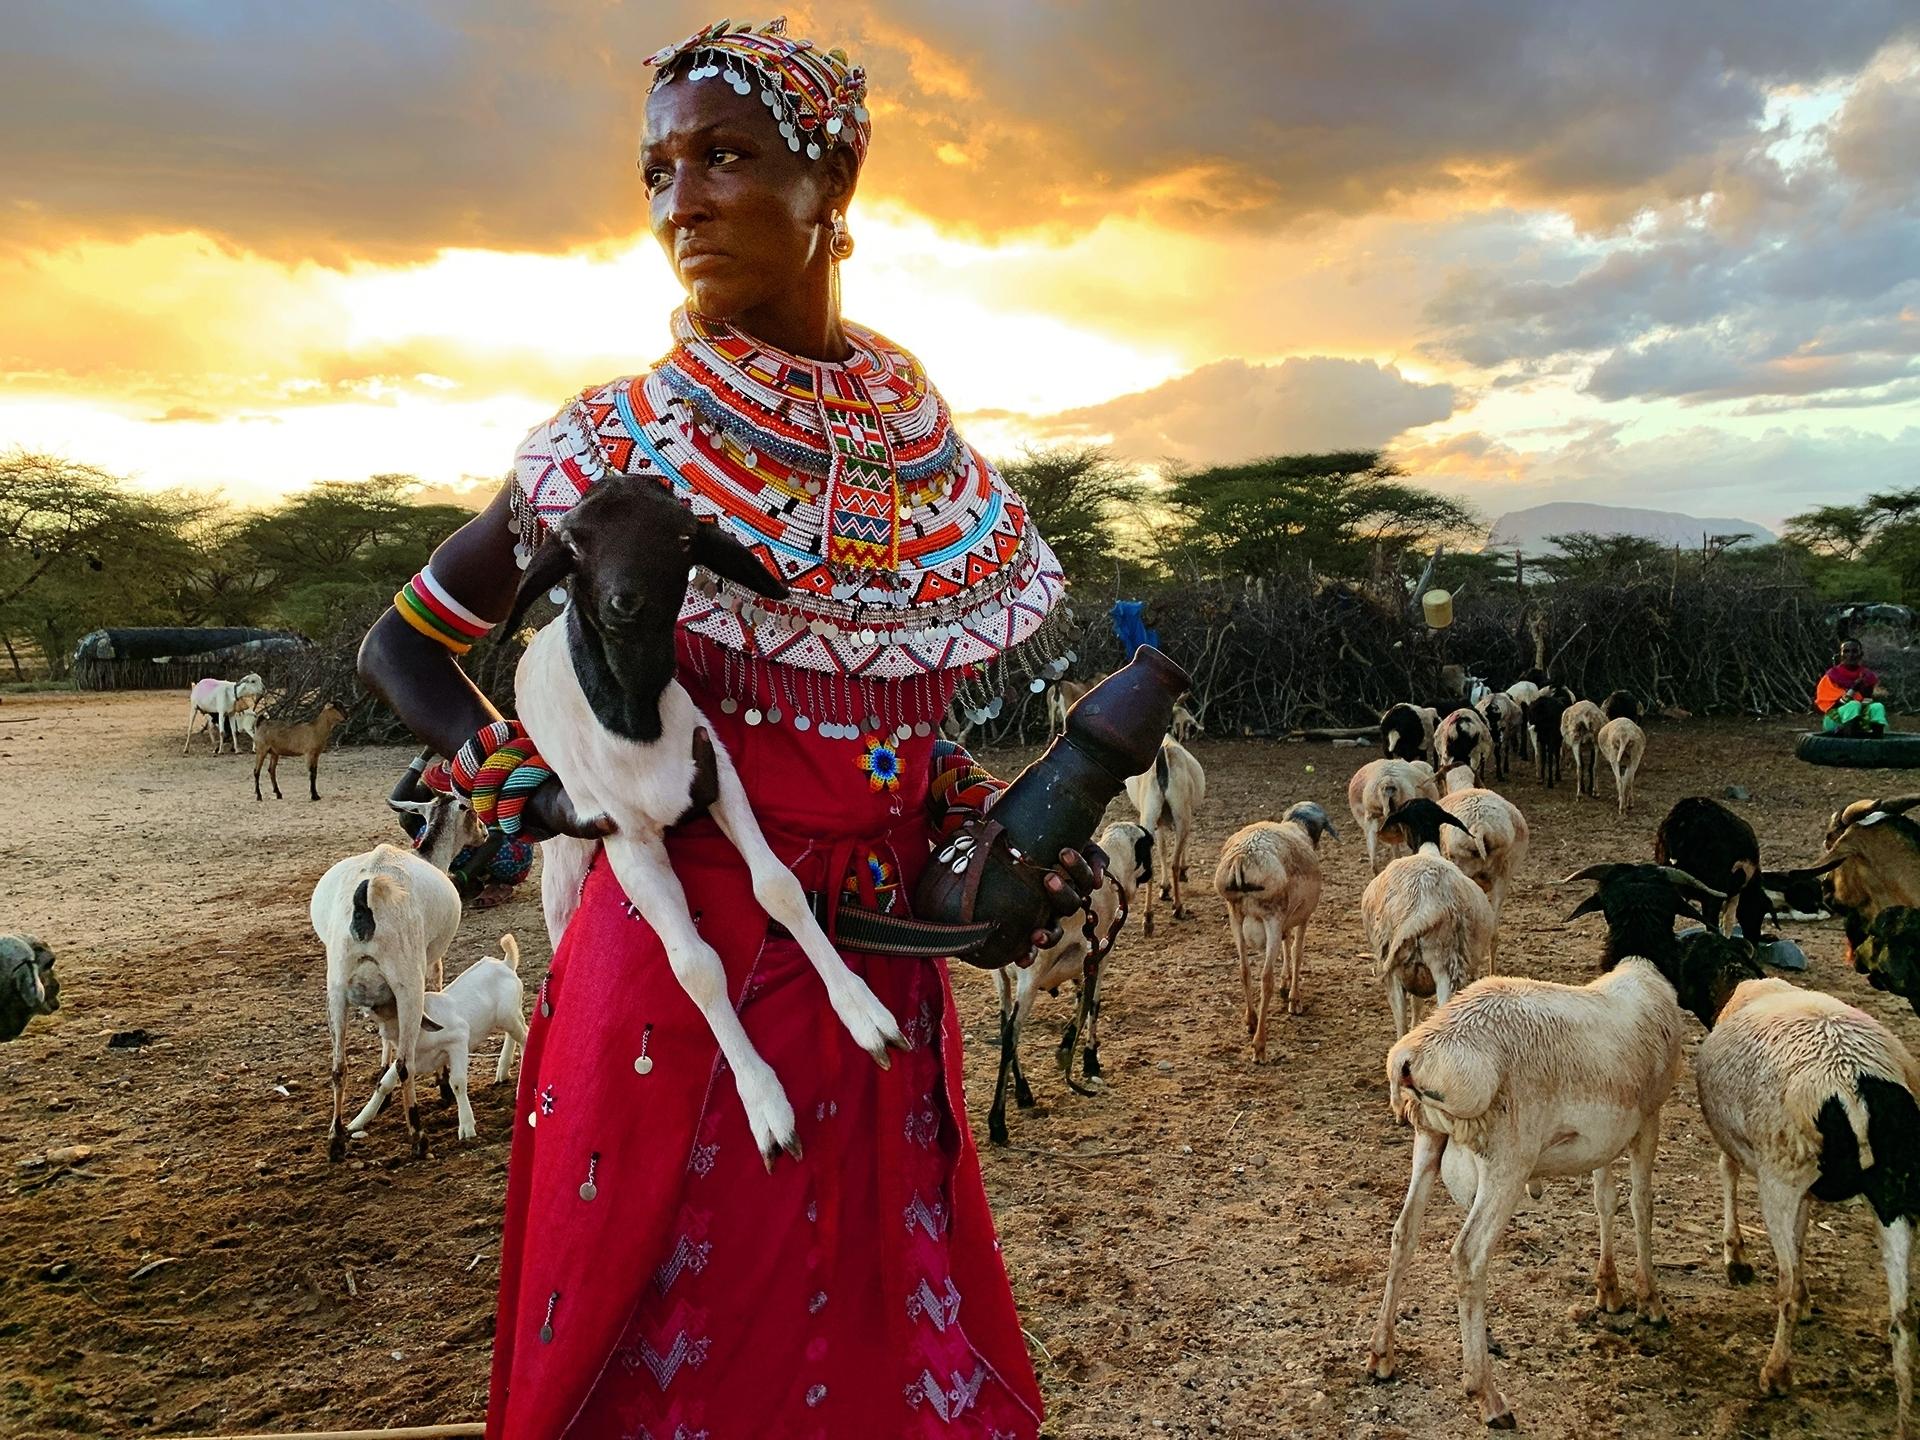 肯亞 動物追蹤者。23歲的白雲.洛貝桐是三個孩子的母親,她獨自放牧家中的山羊。她丈夫前往奈洛比找工作後,有人告訴她,她丈夫已在那裡身亡。她的另一項全職工作:幫「拯救大象」組織記錄動物的動向。為了這份月薪,她和另外八名女性會在沒有武裝的情況下,在大象、獅子和非洲水牛間穿越荒野。「我做這份工作是為了讓小孩不會餓著肚子上床。」她說。攝影: 琳恩. 強森 LYNN JOHNSON